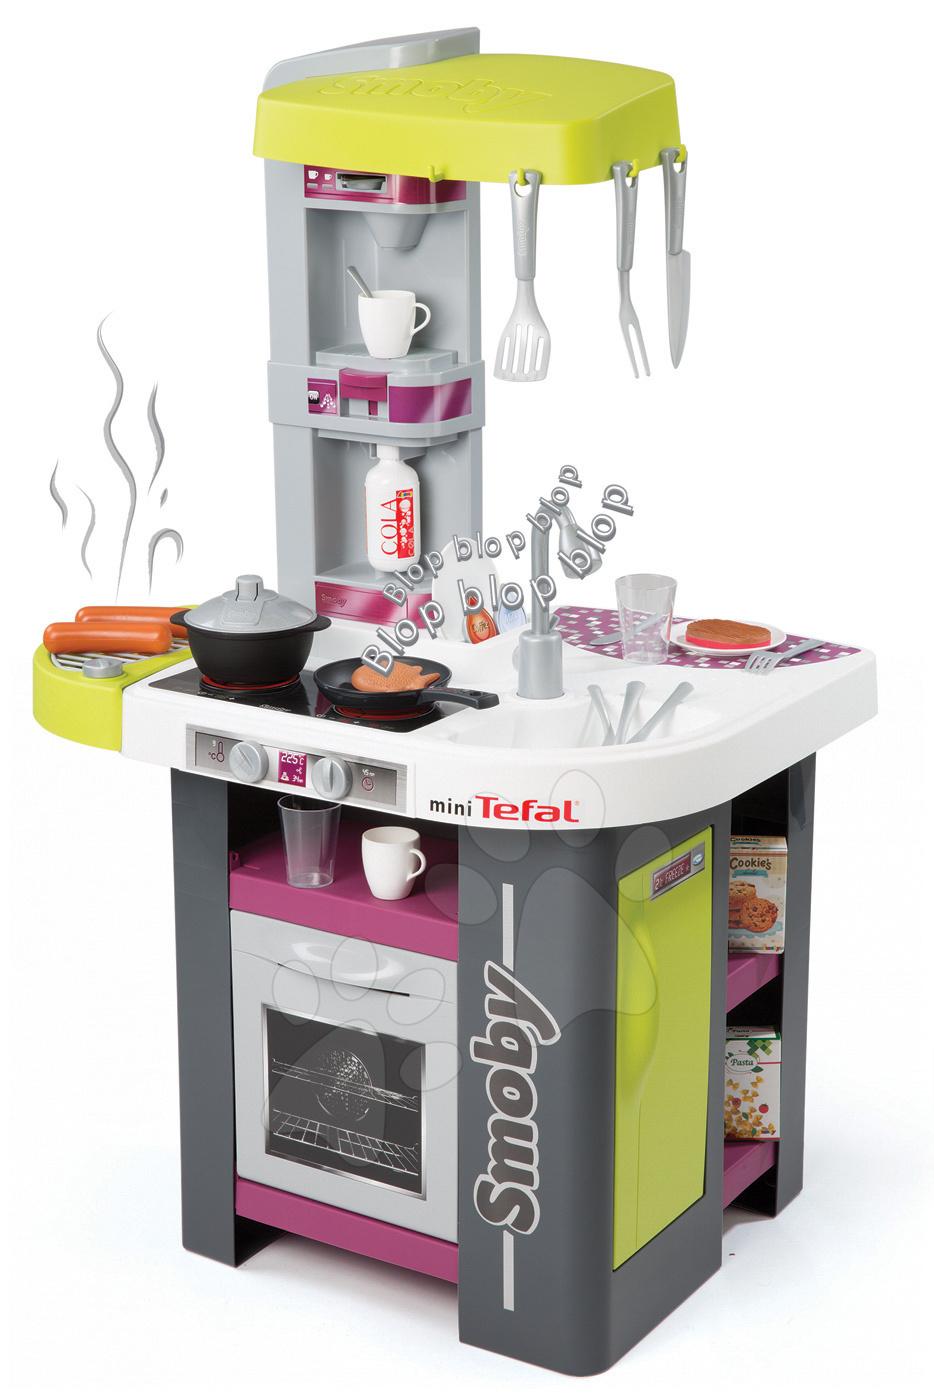 Kuchyňka Tefal Studio BBQ Smoby elektronická se zvuky, s opečenými potravinami, grilem a 29 doplňky zeleno-fialová